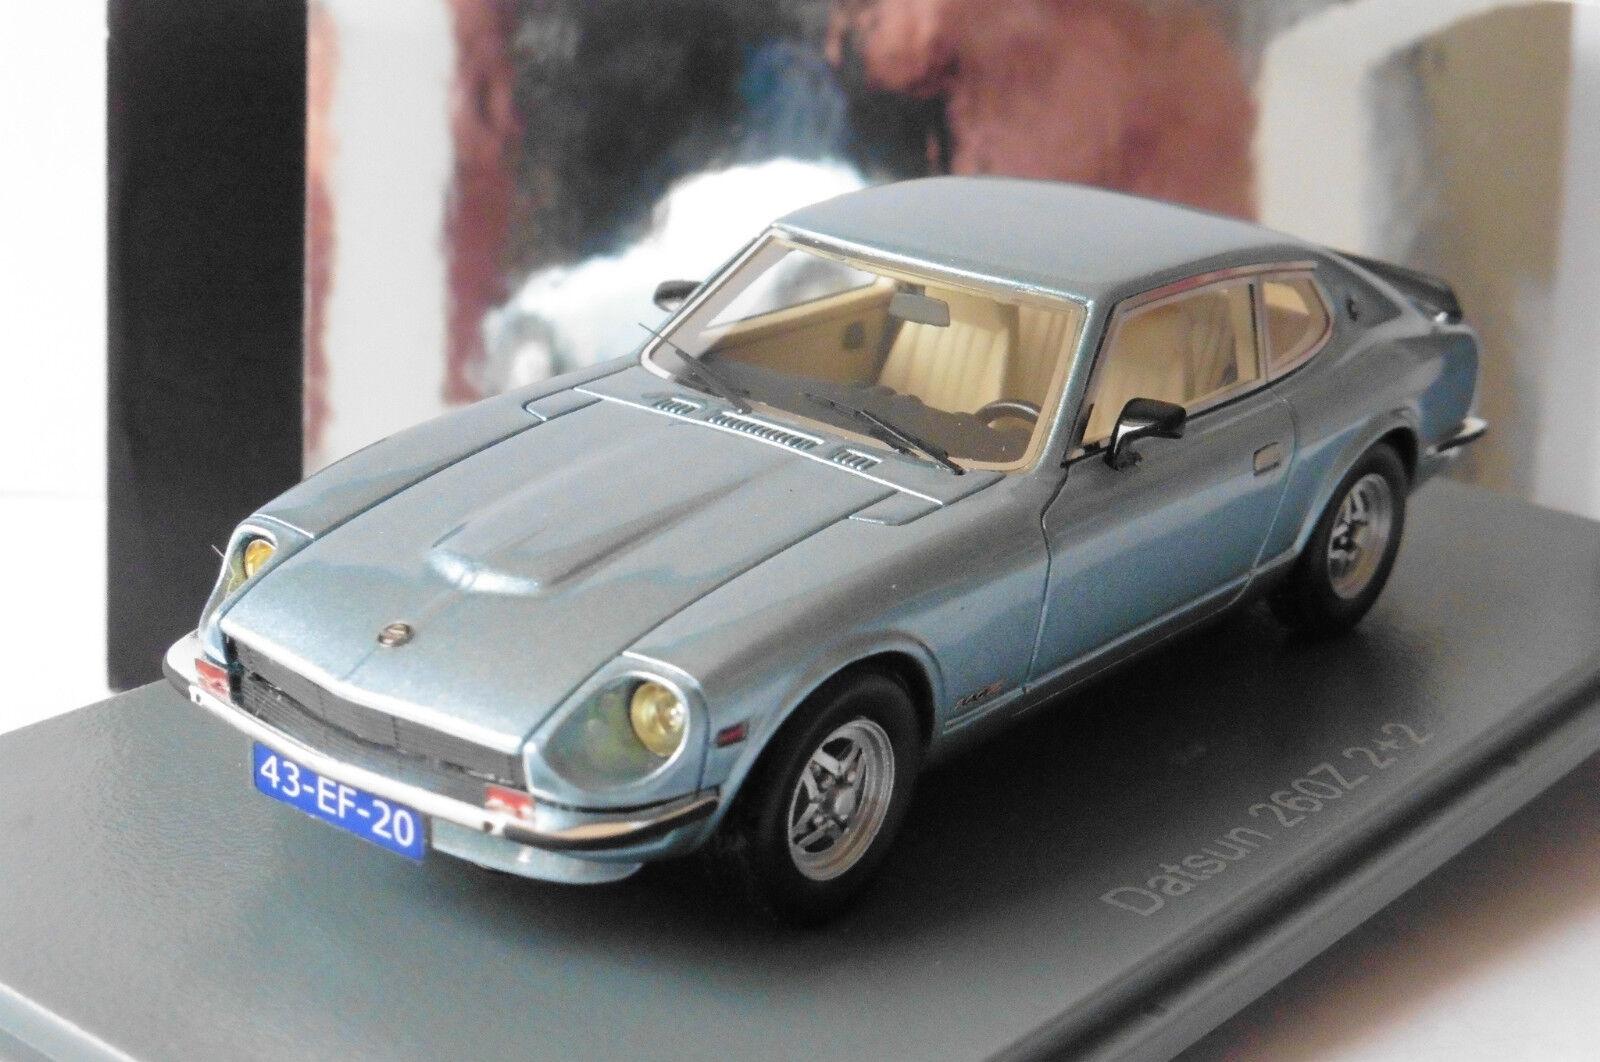 DATSUN 260Z 2+2 LIGHT azul METAL 1975 NEO 43986 1 43 LEFT HAND DRIVE LHD SKY